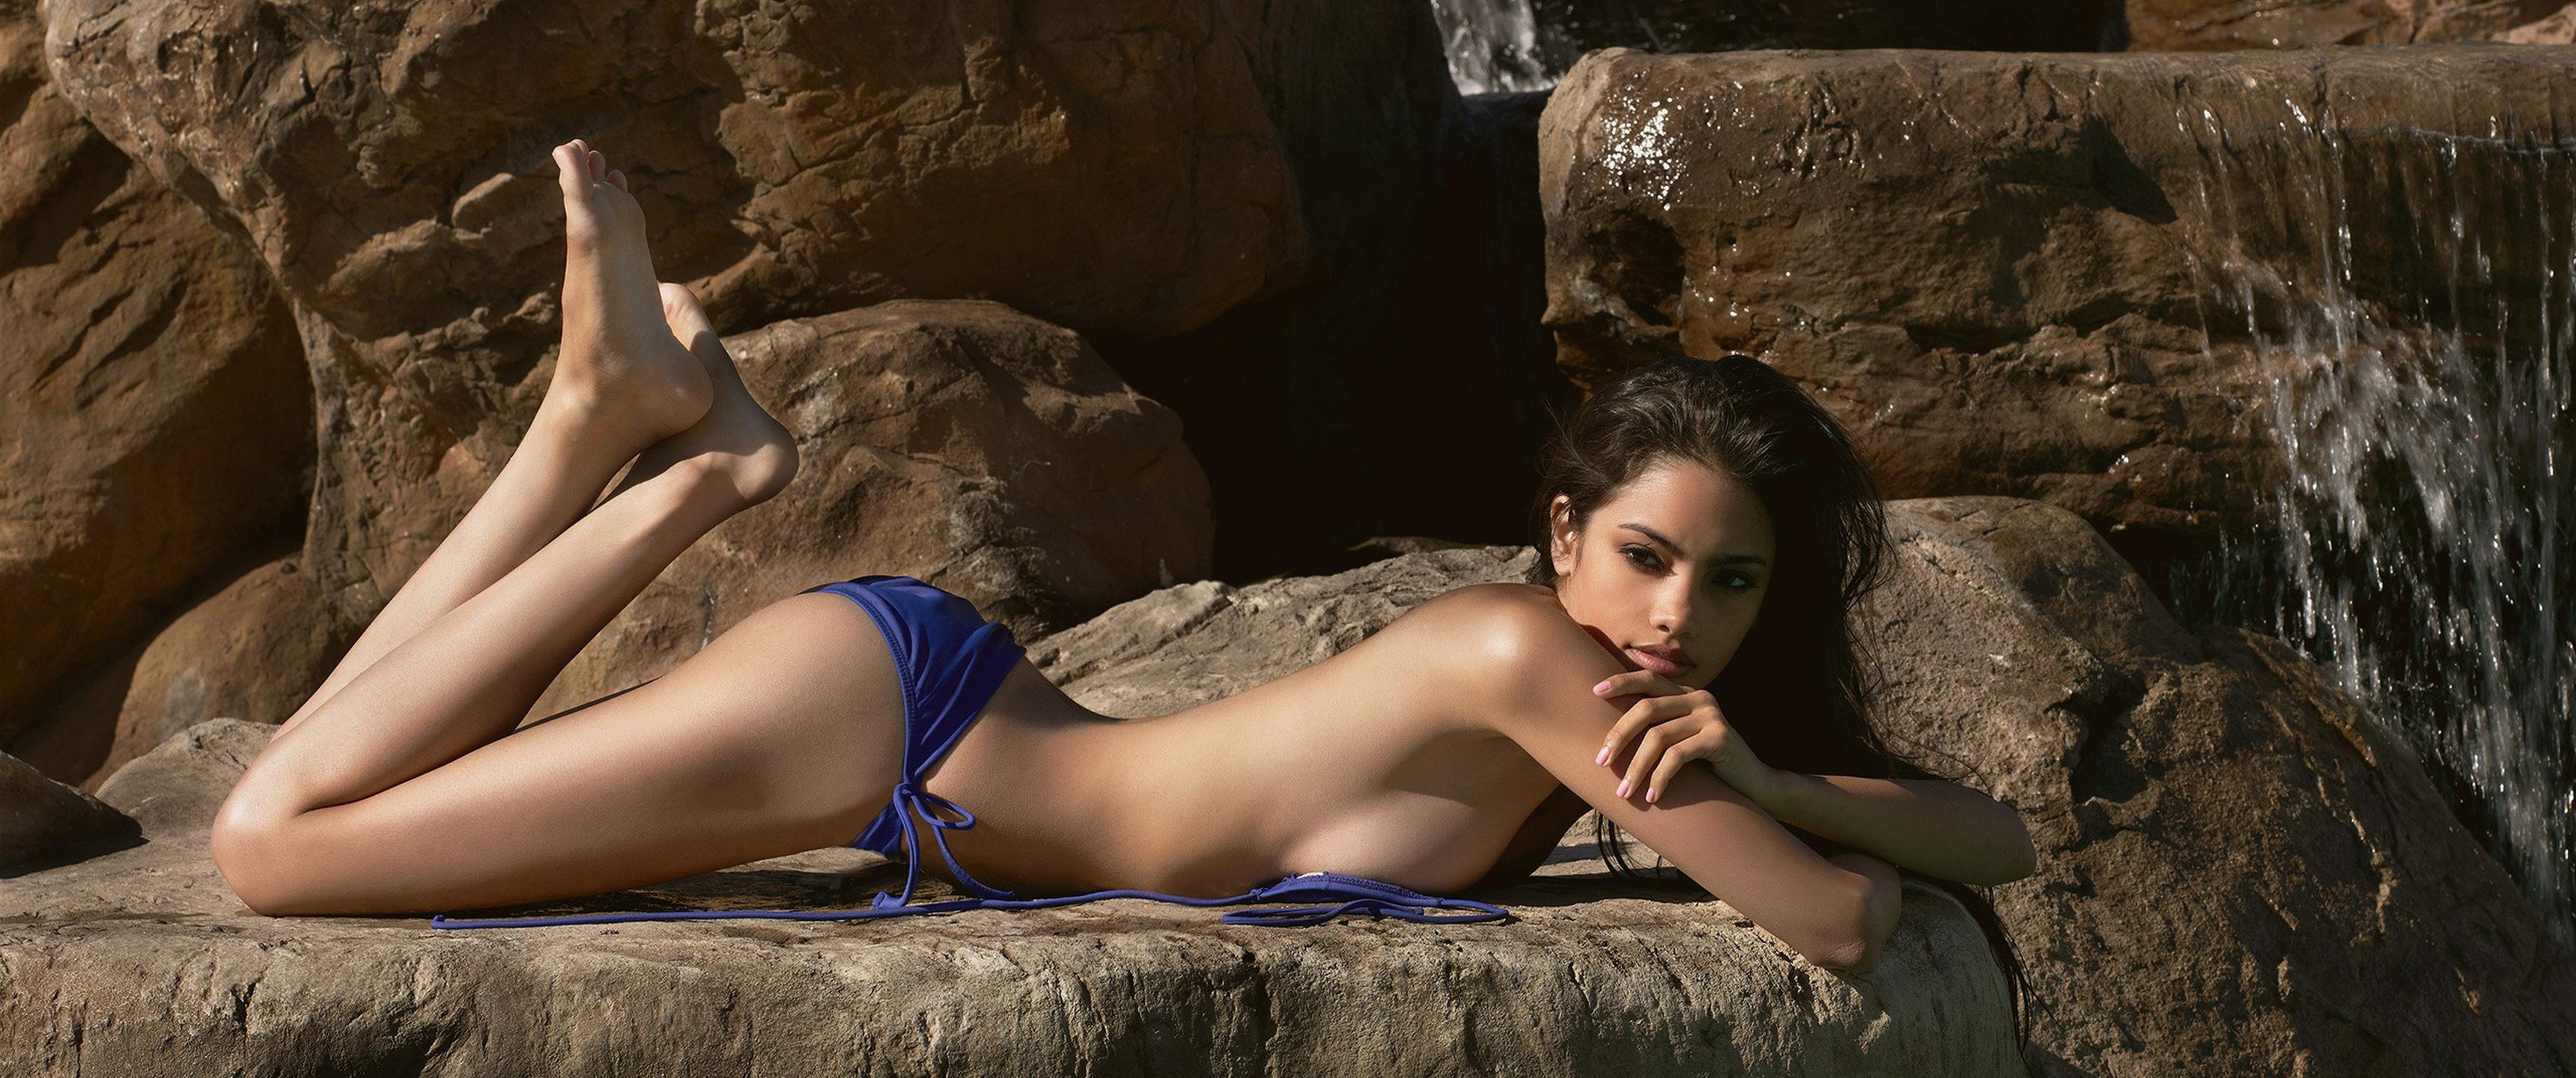 Topless Brunette 37